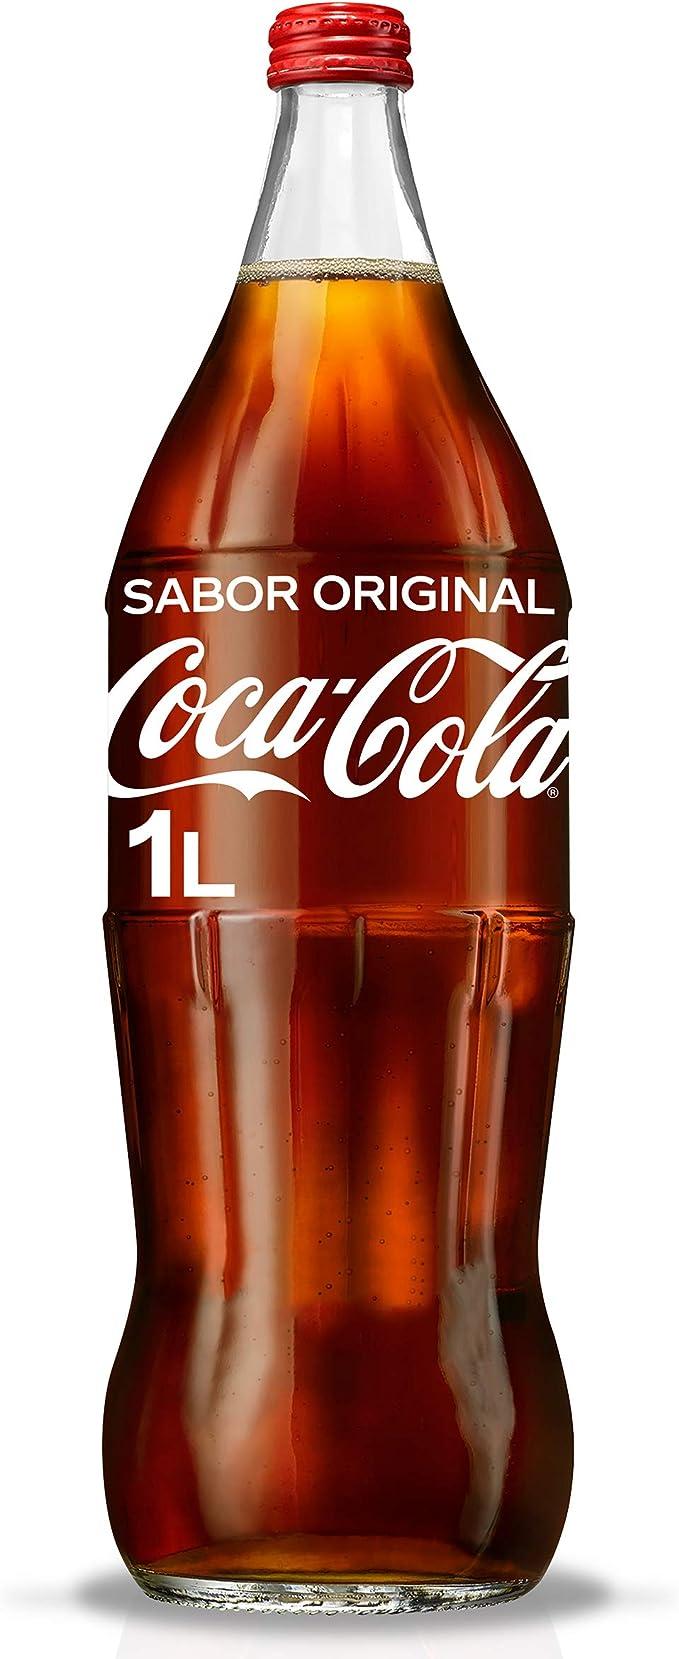 Cocacola Original Refresco Botella De Vidrio 1l Amazon Es Alimentación Y Bebidas